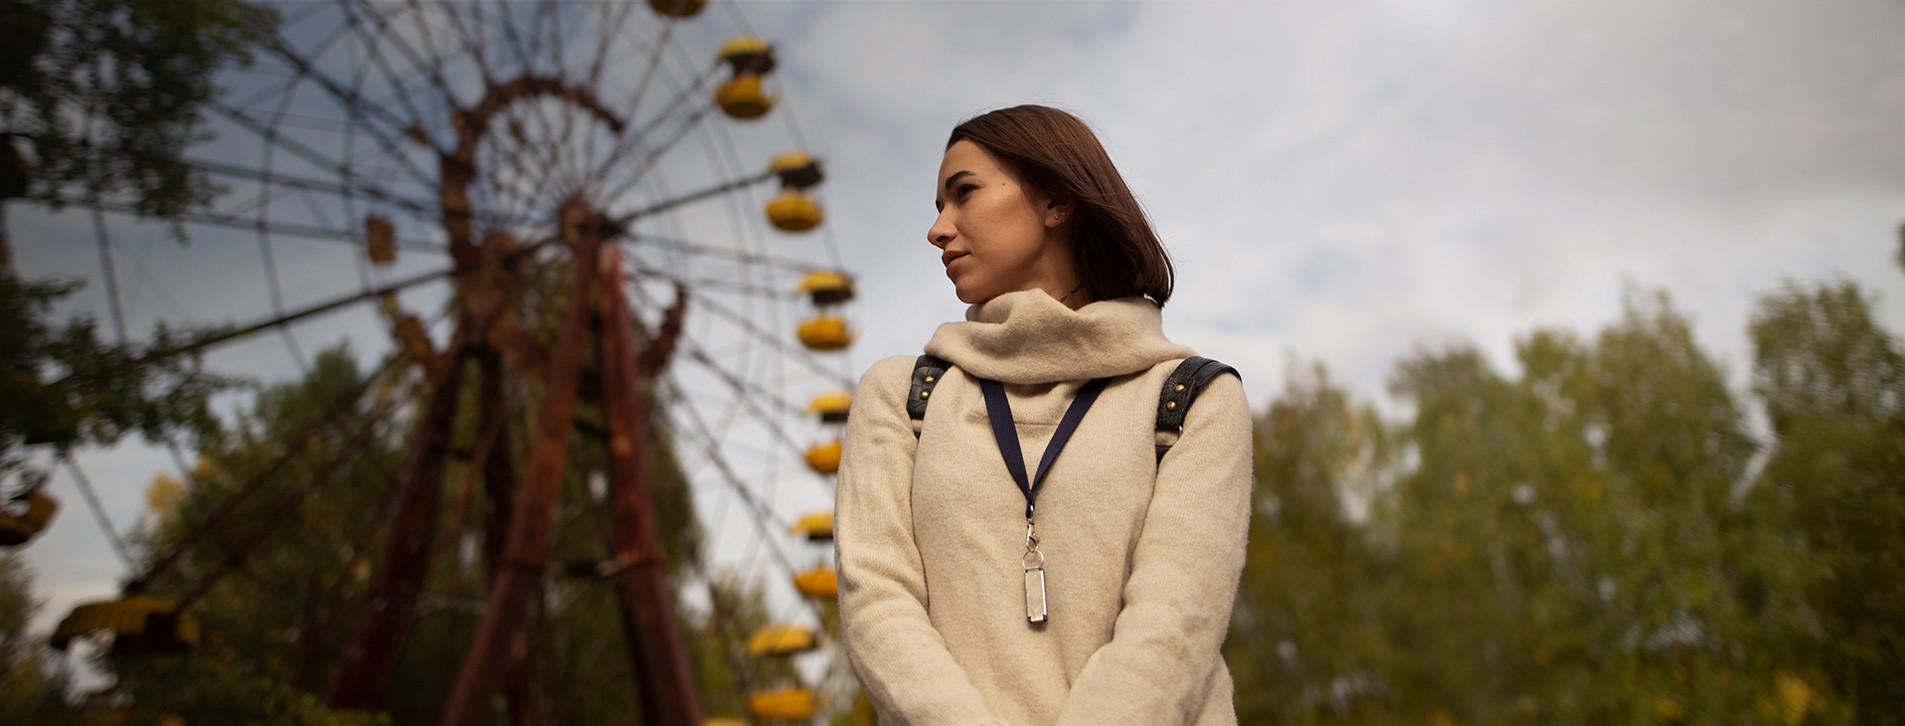 Фото 1 - Экскурсия в Чернобыль для компании